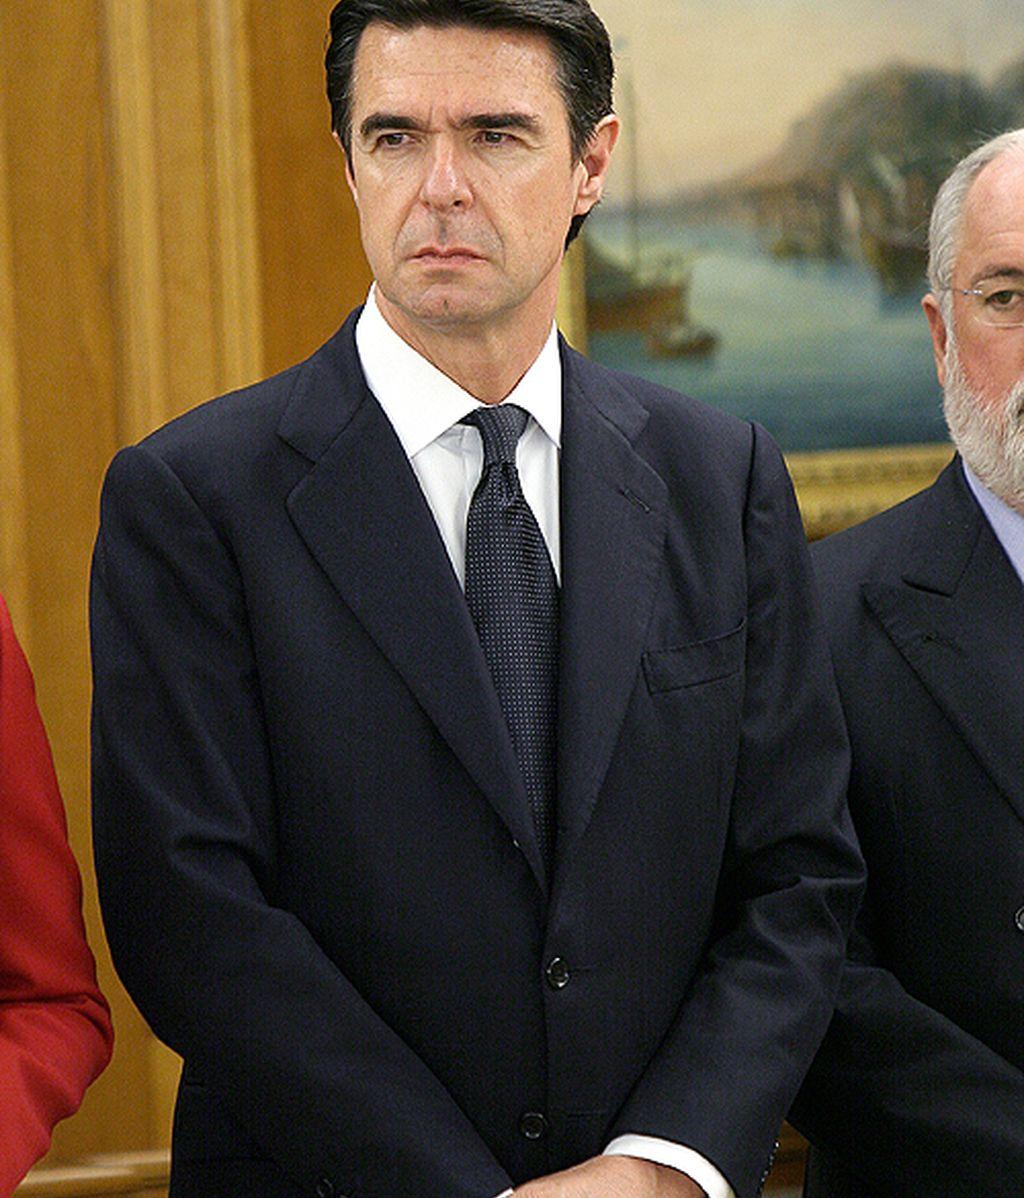 El estilismo de los nuevos ministros